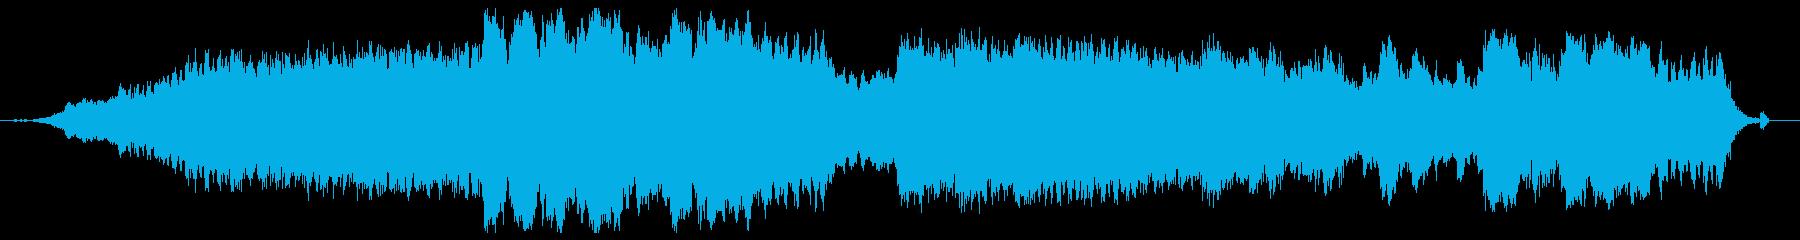 無調で統合性のない音響空間作品の再生済みの波形